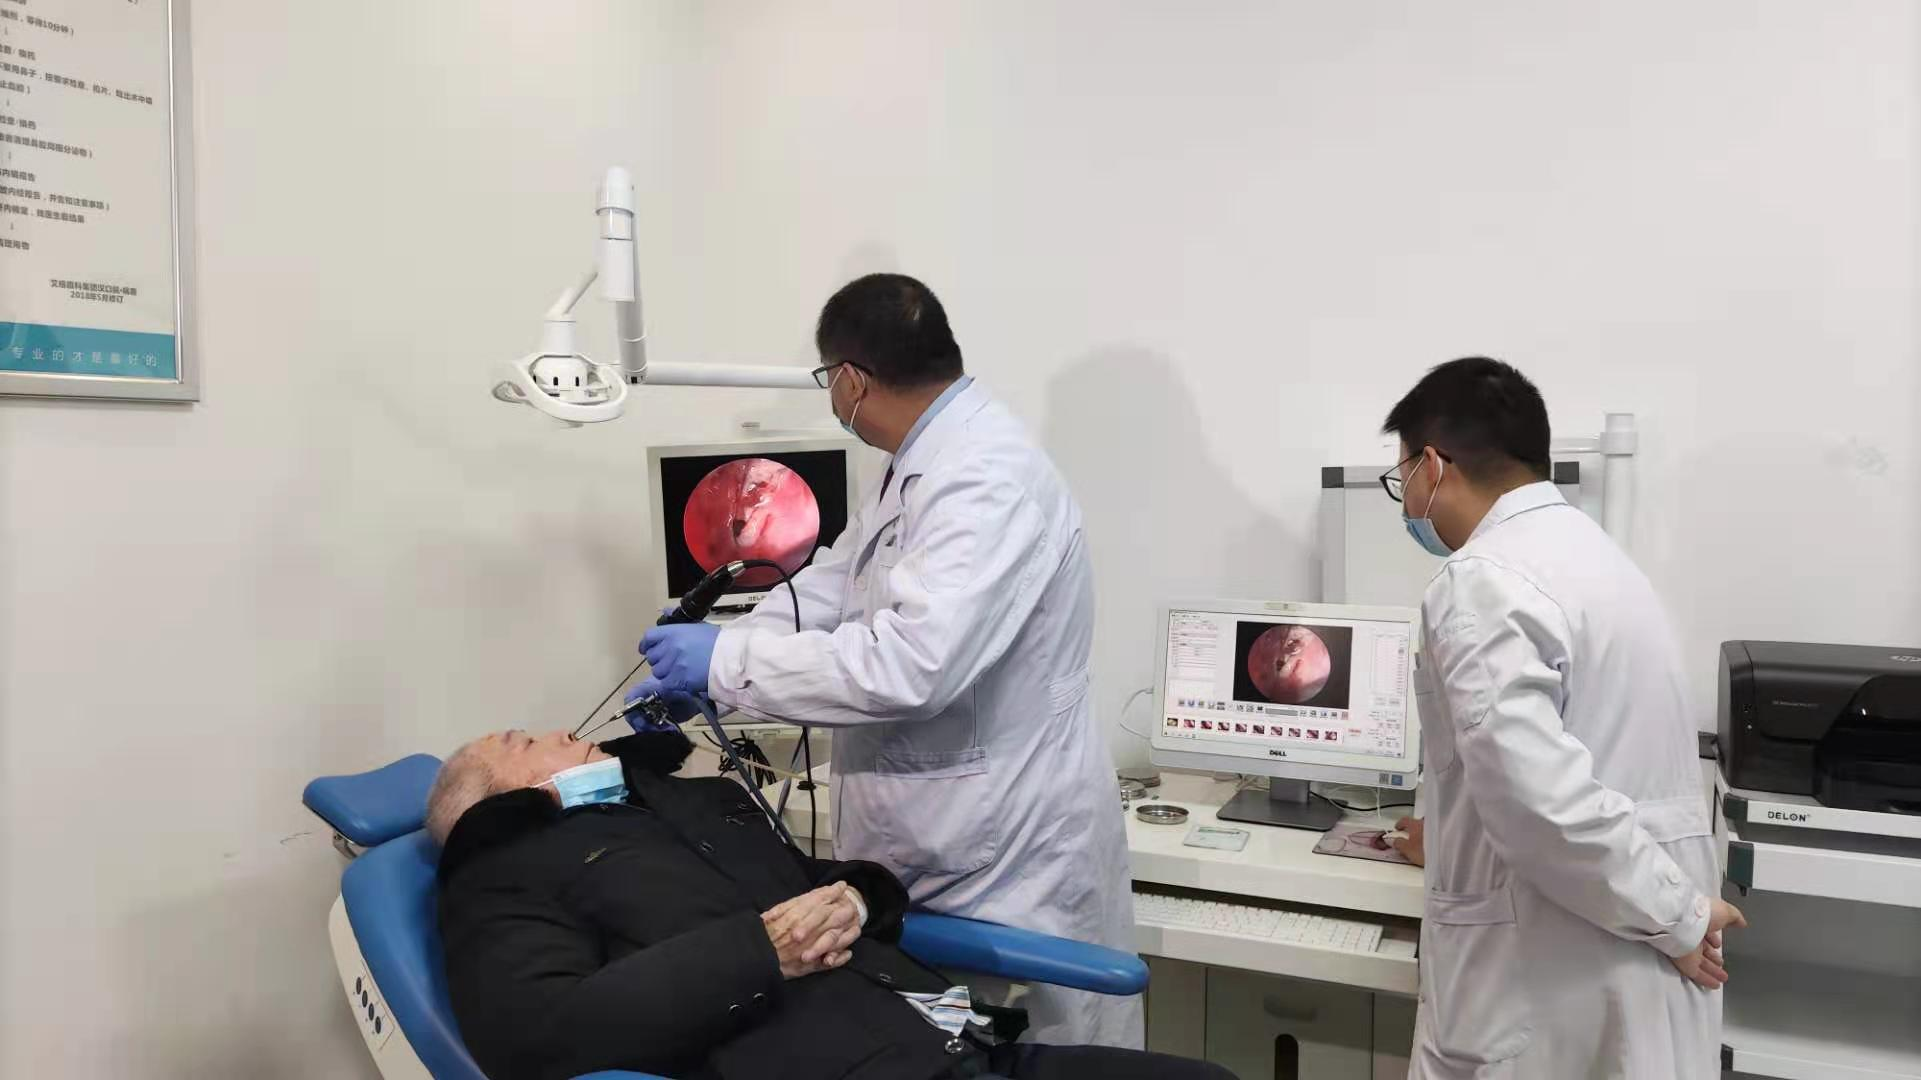 湖北首例:眼科医生开展眼鼻联合手术拯救患者视力